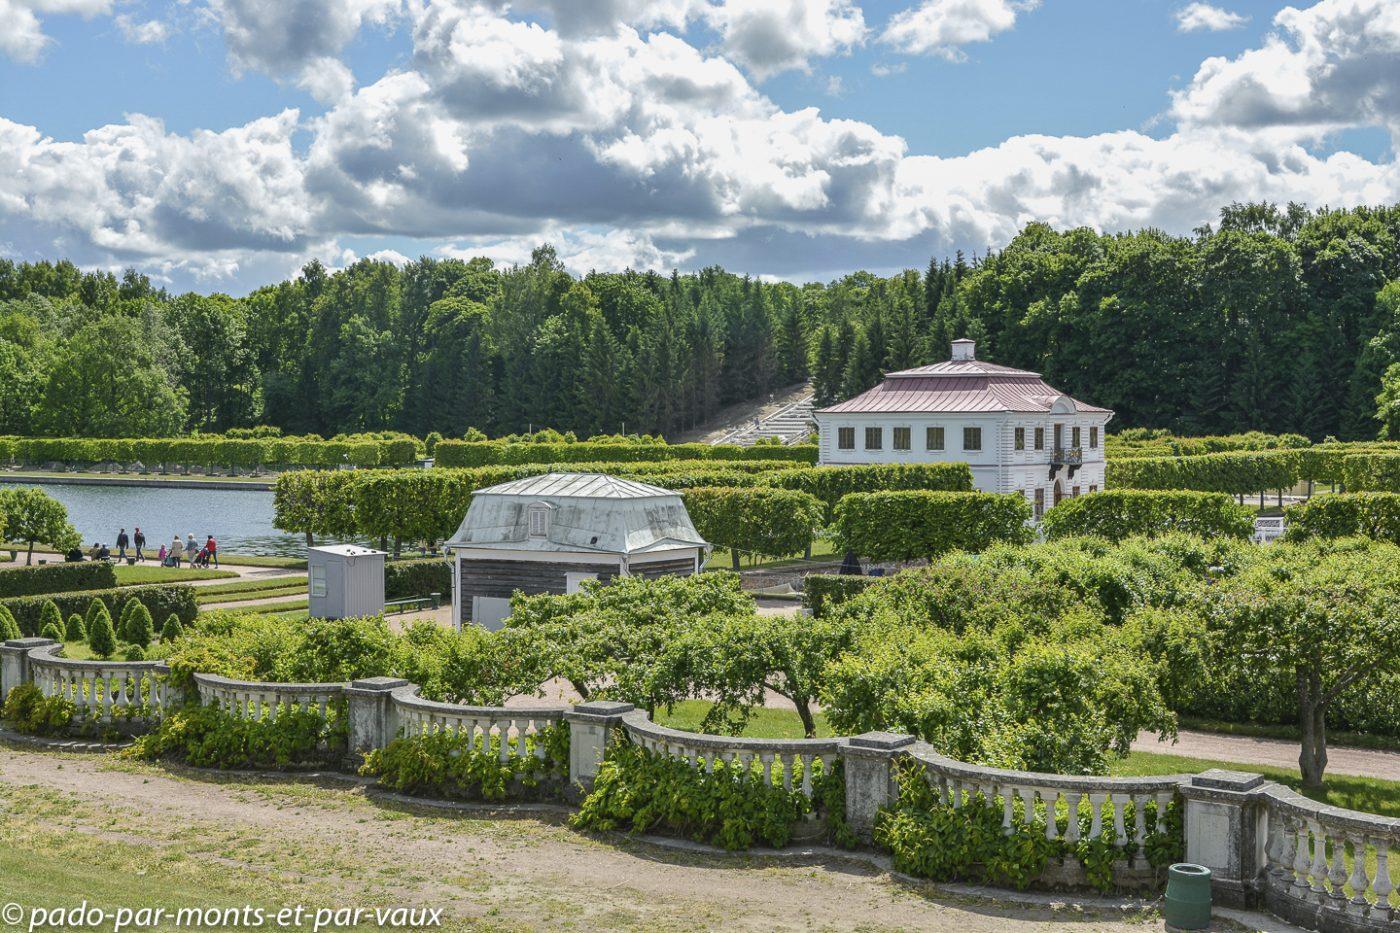 2015 - Peterhof